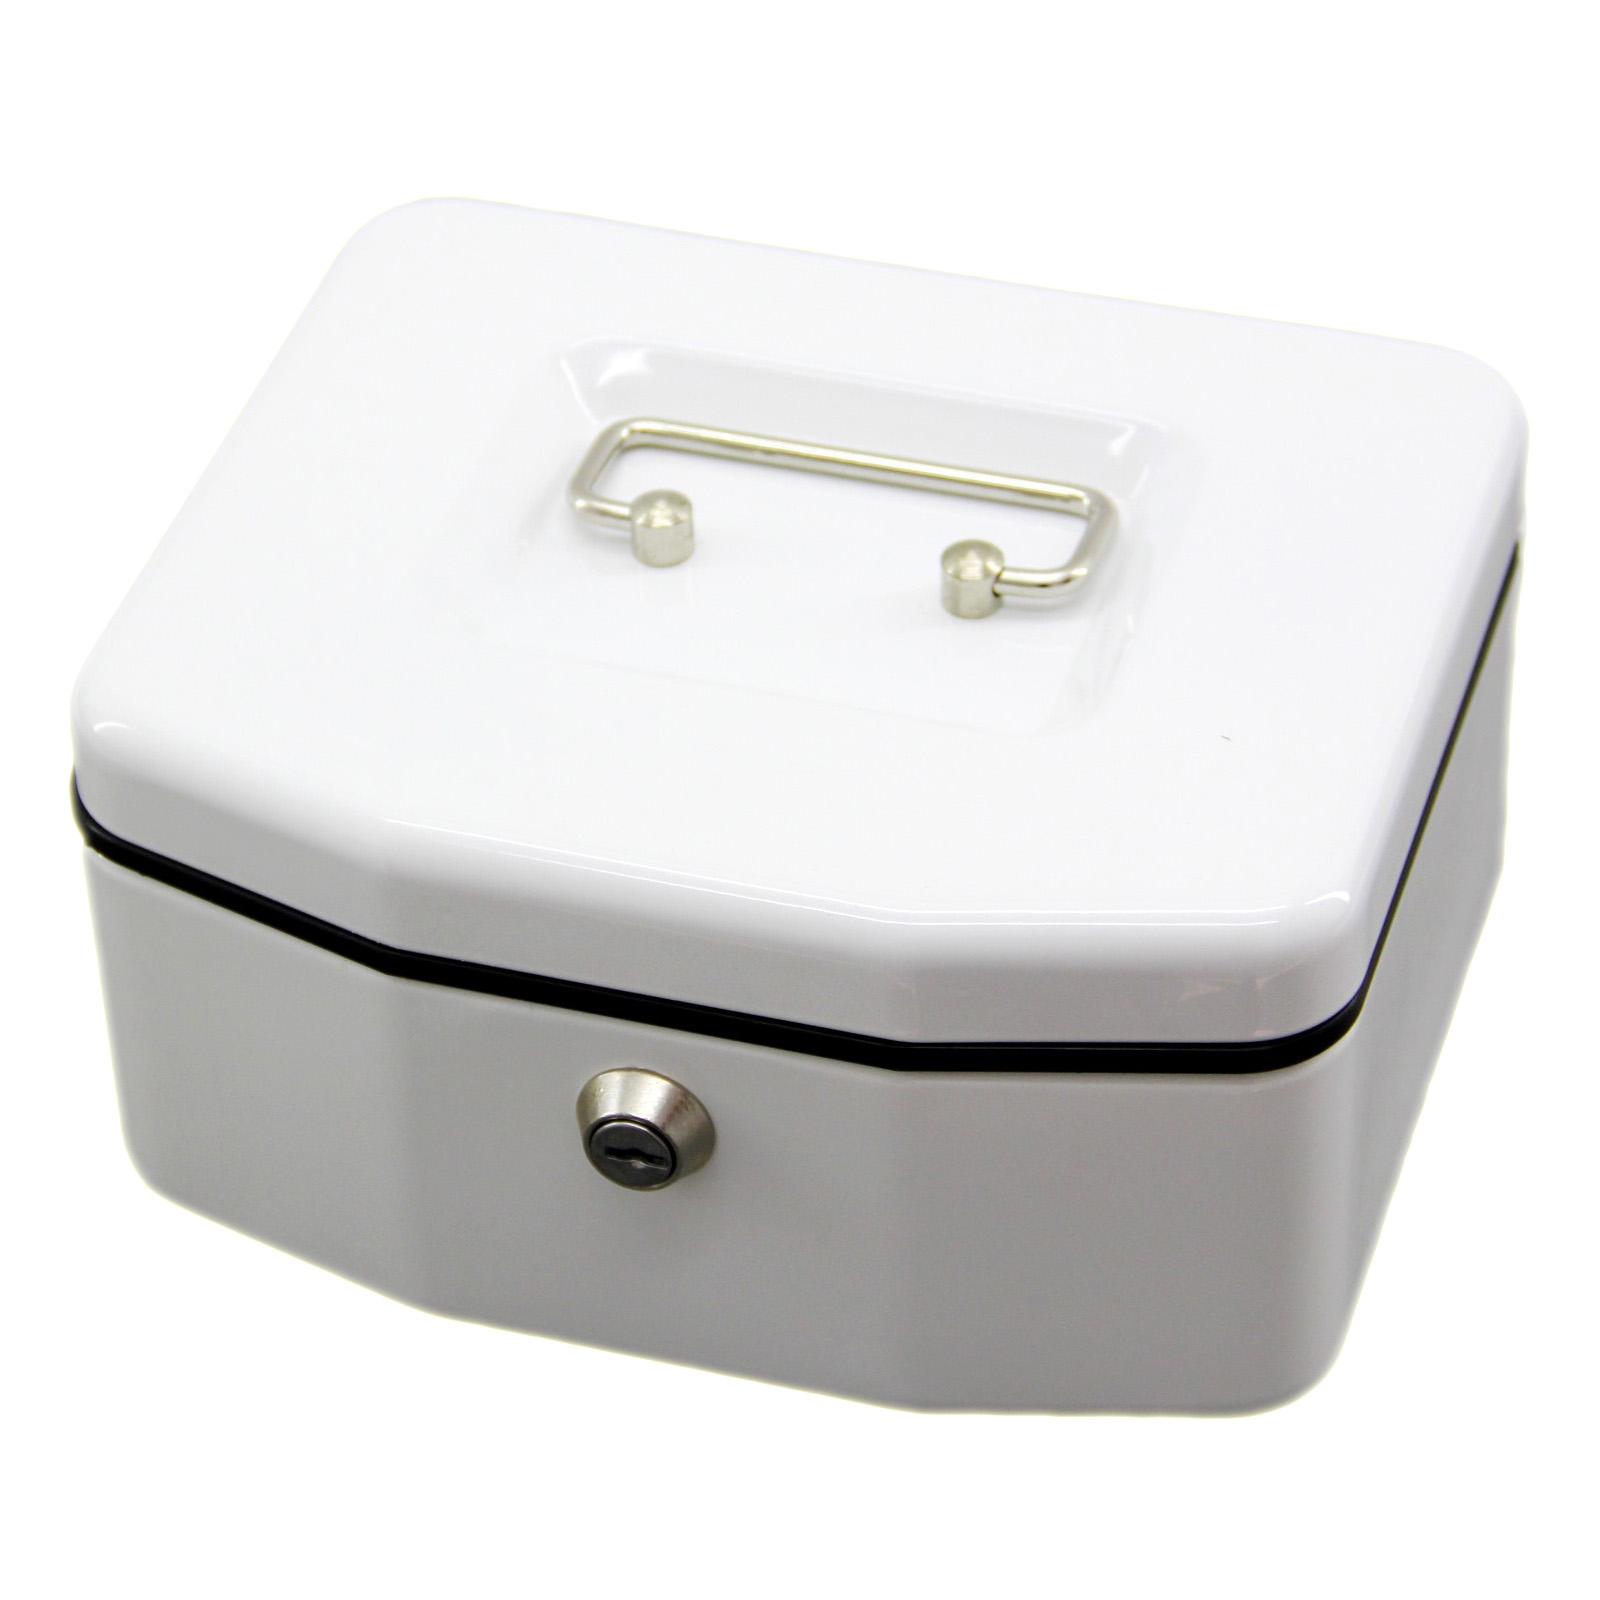 Geldkassette Weiß Geldbox Geldkasse Münzfach Münzkassette Wesco 100x165x200mm